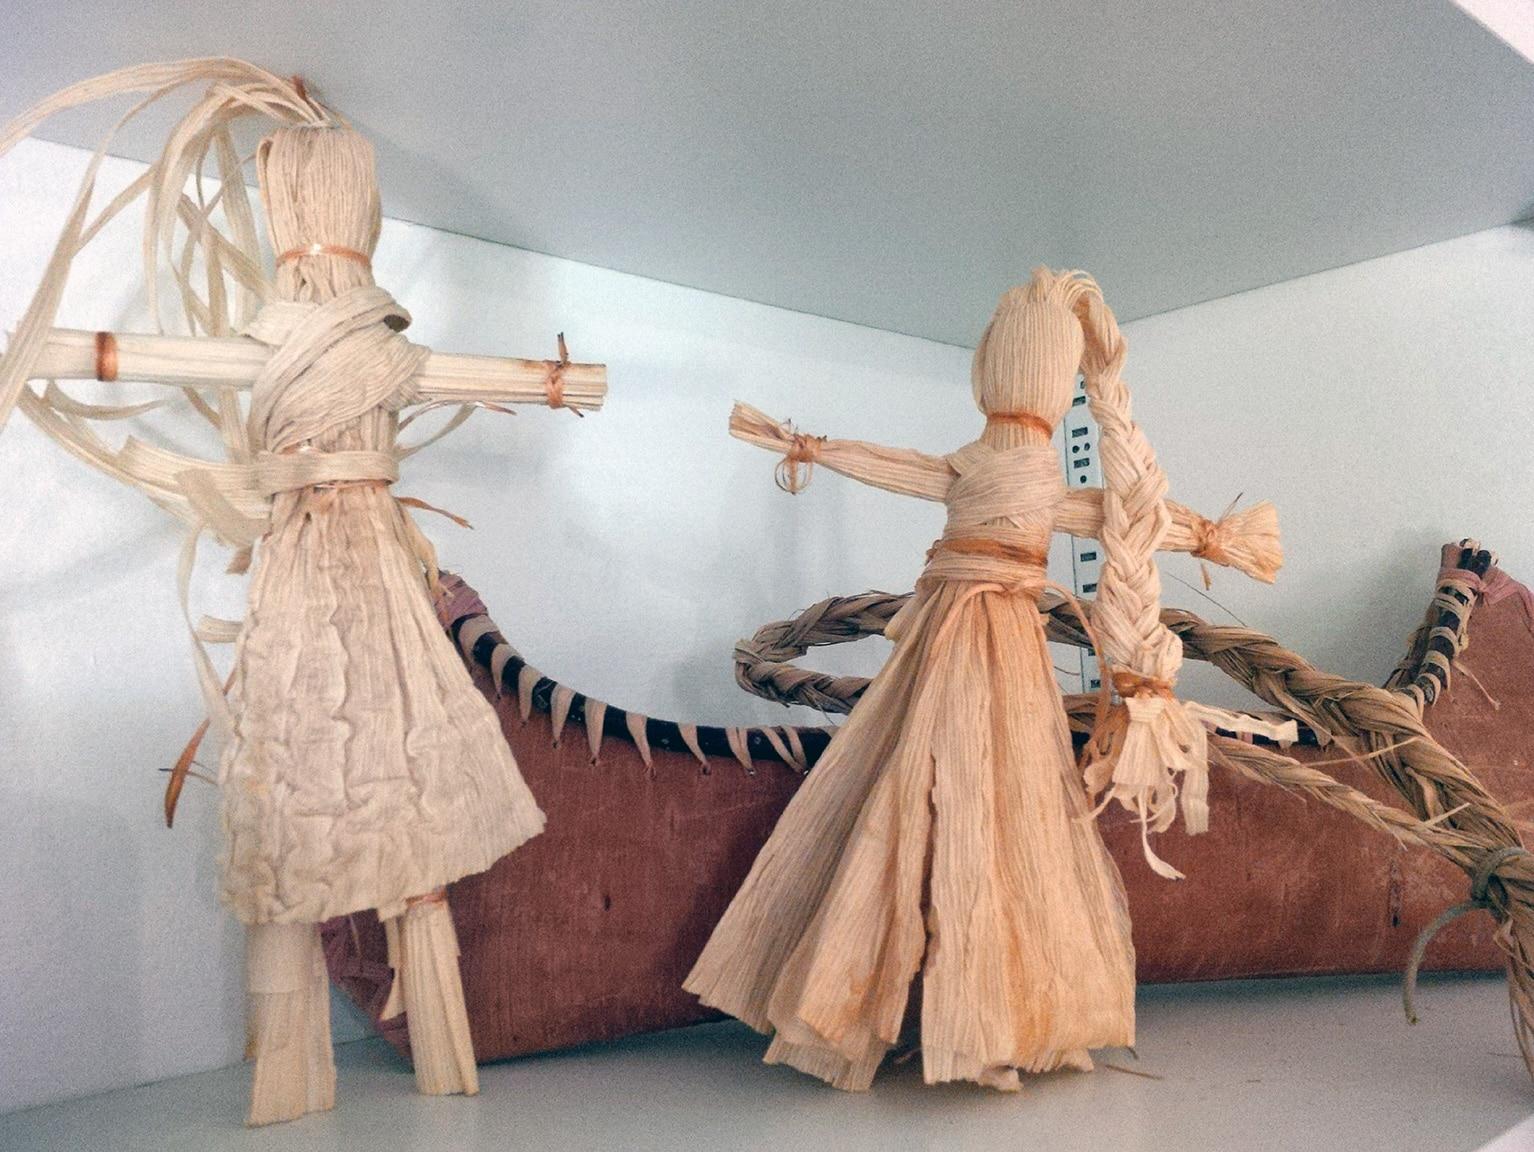 Corn Husk Doll Workshop